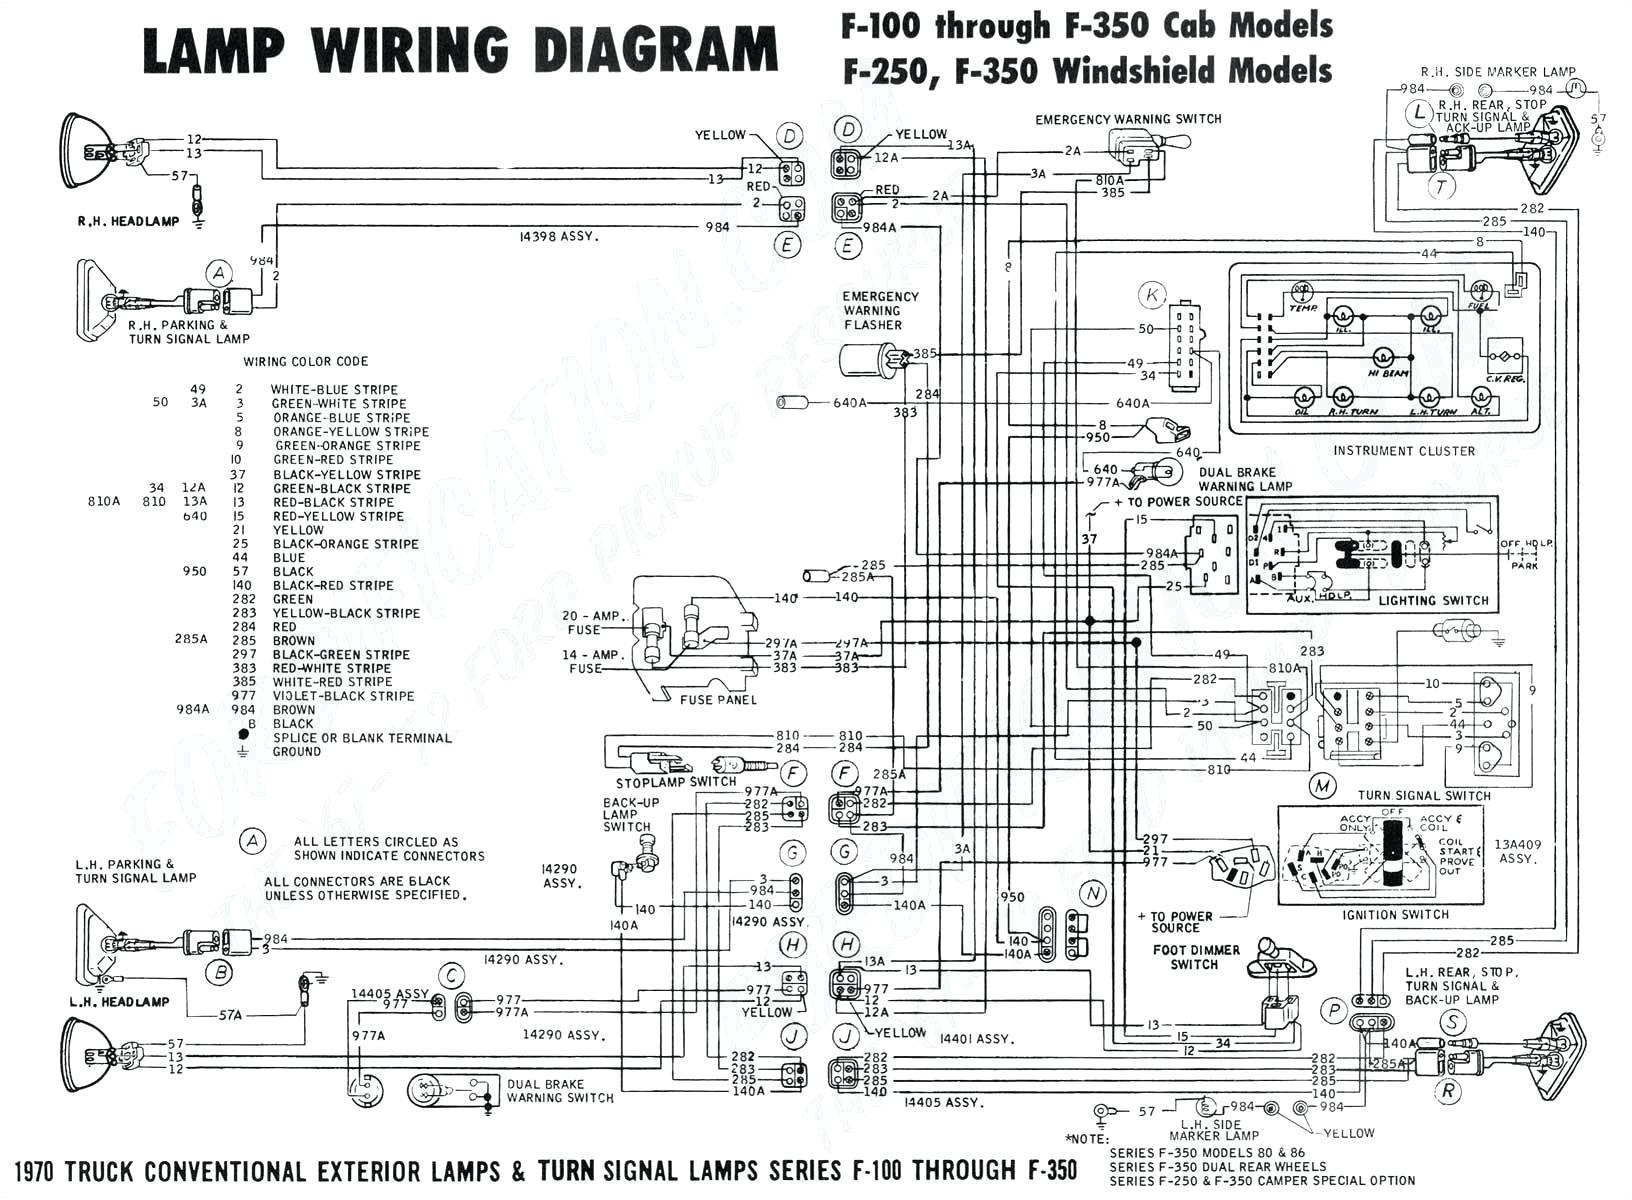 electrical wiring diagram 1954 dodge schema wiring diagram 2002 dodge durango electrical wiring diagram 1954 dodge